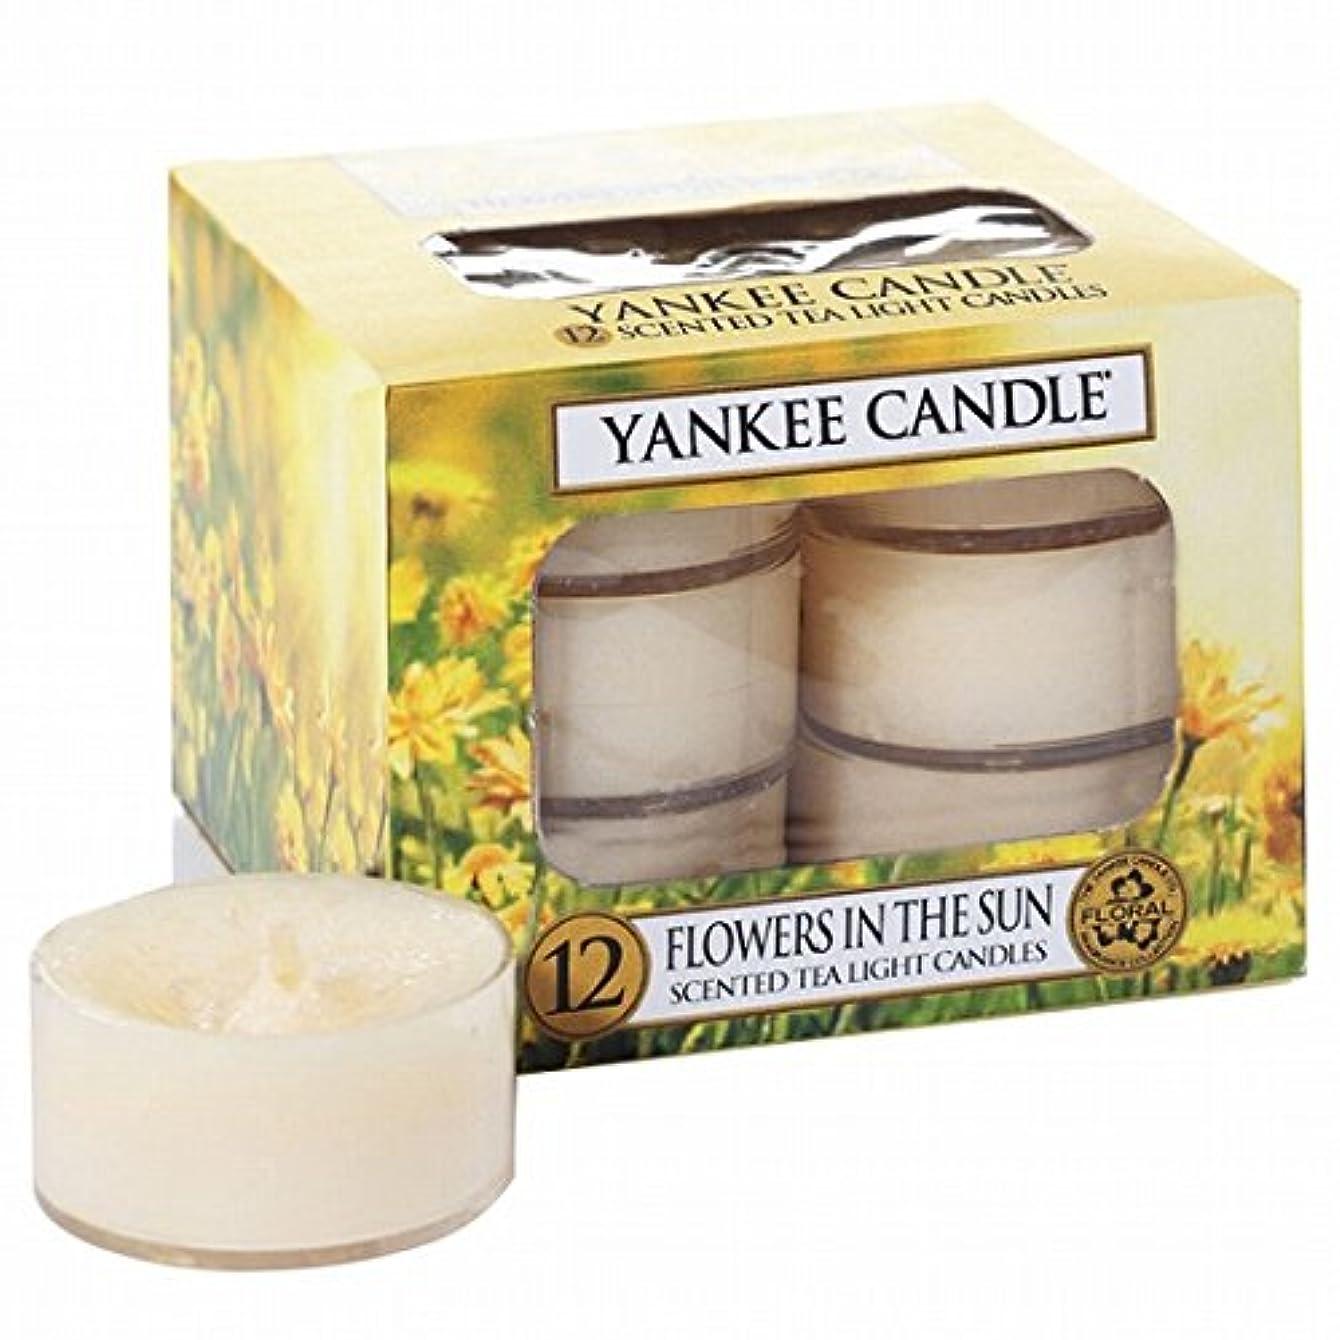 飼料口述海外YANKEE CANDLE(ヤンキーキャンドル) YANKEE CANDLE クリアカップティーライト12個入り 「フラワーインザサン」(K00505274)